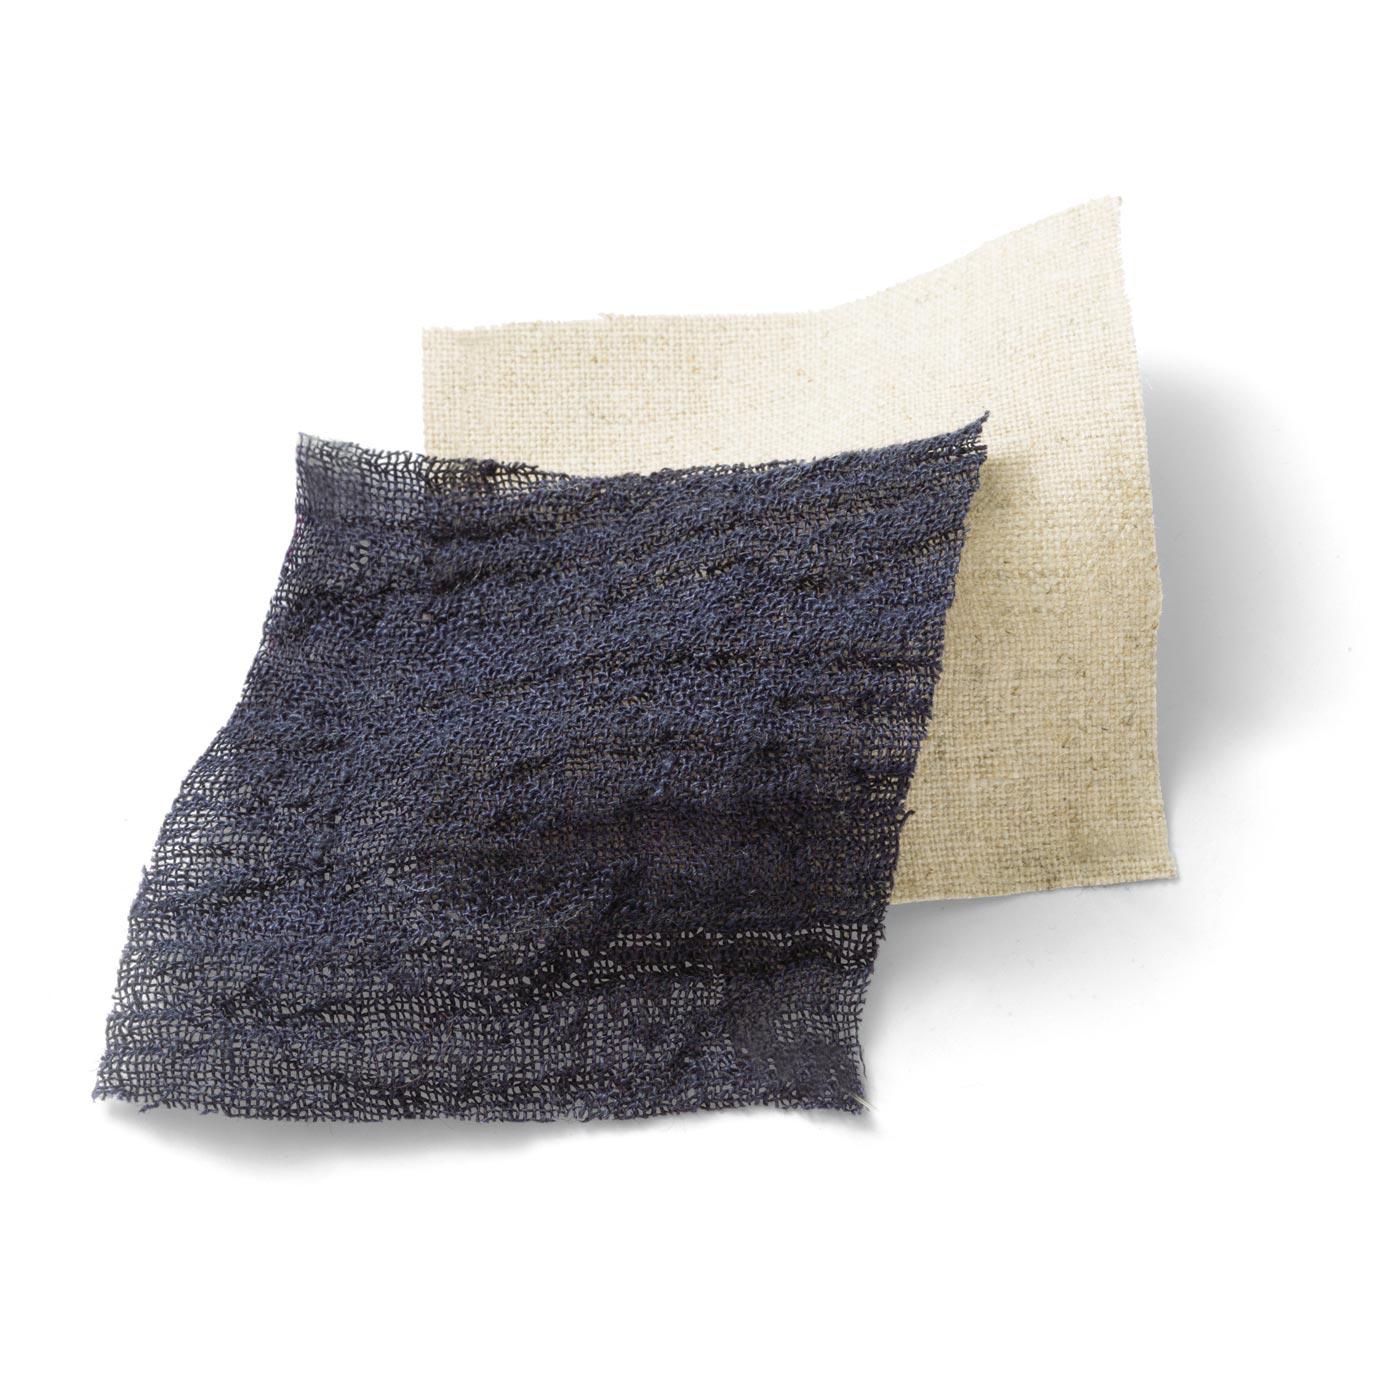 〈ネイビーブルー〉見た目も涼やかな通気性にすぐれた綿麻素材。